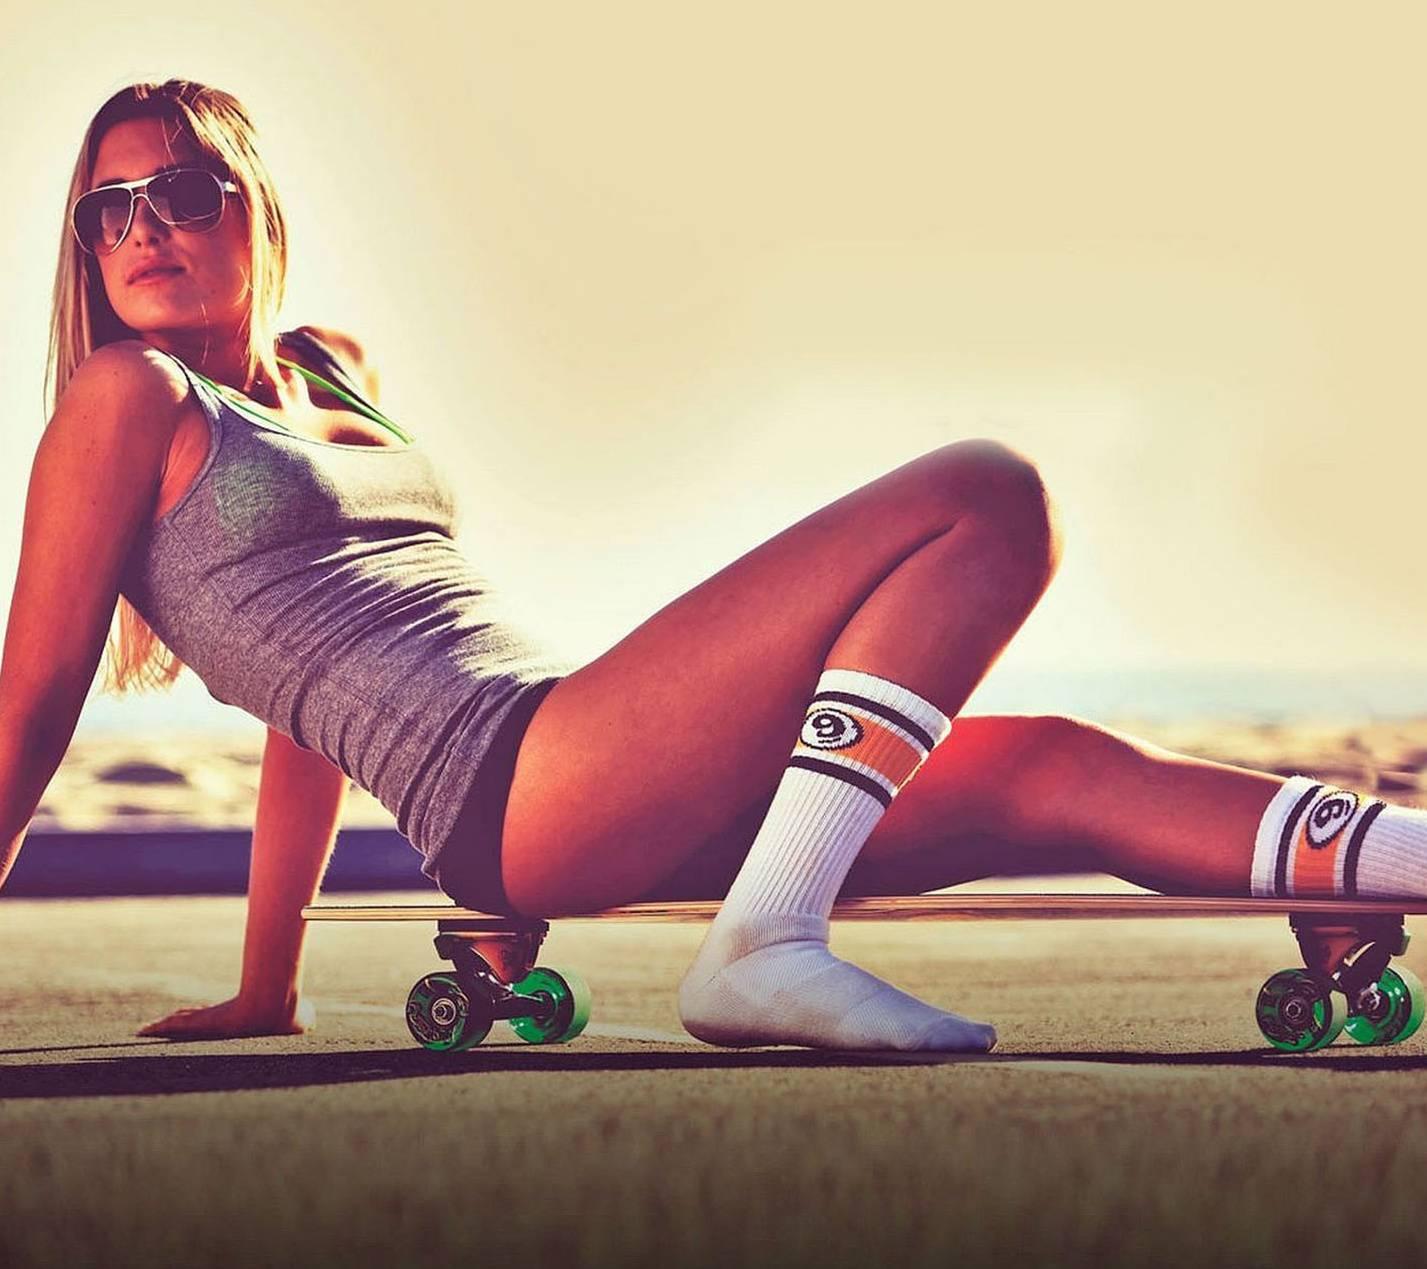 woman in skate